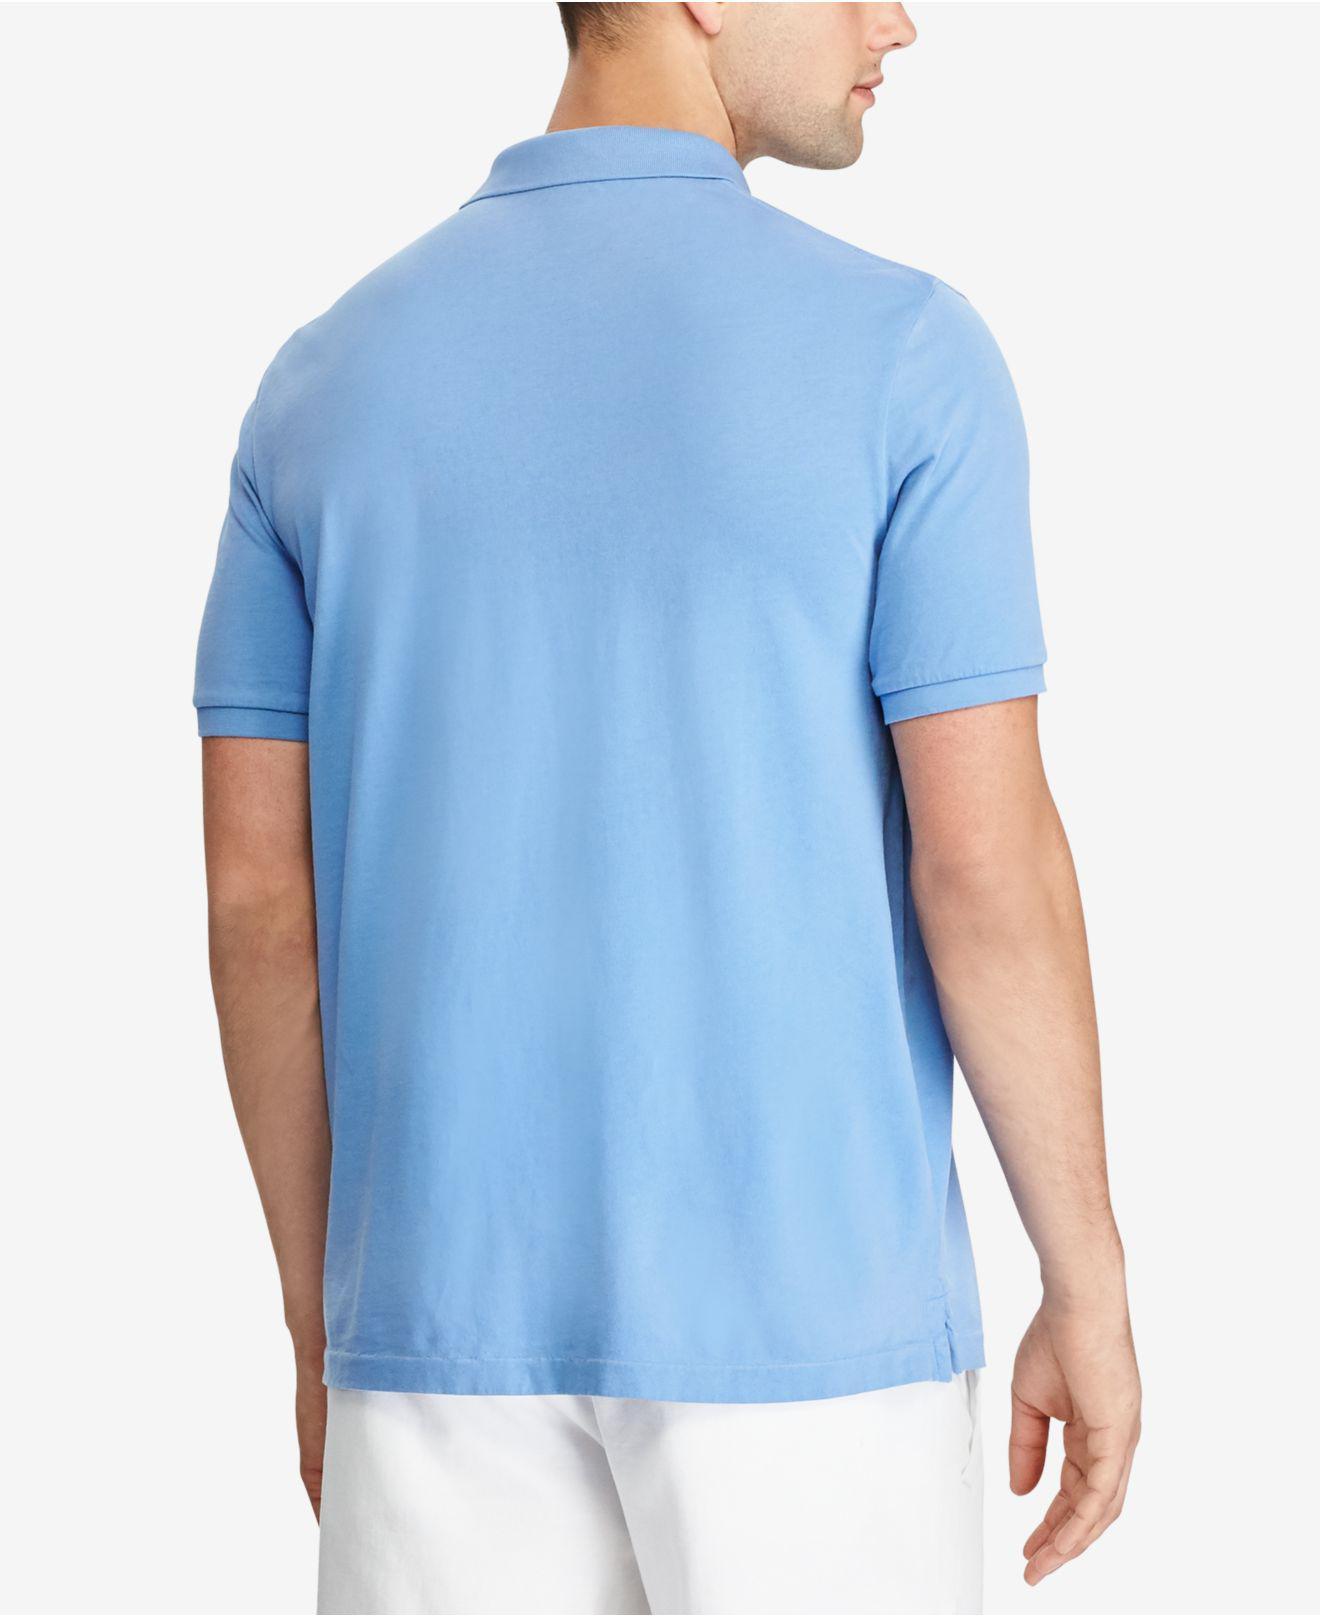 Men's Classic Men Lauren Ralph Jersey Blue Fit For Polo CtrdhsQ